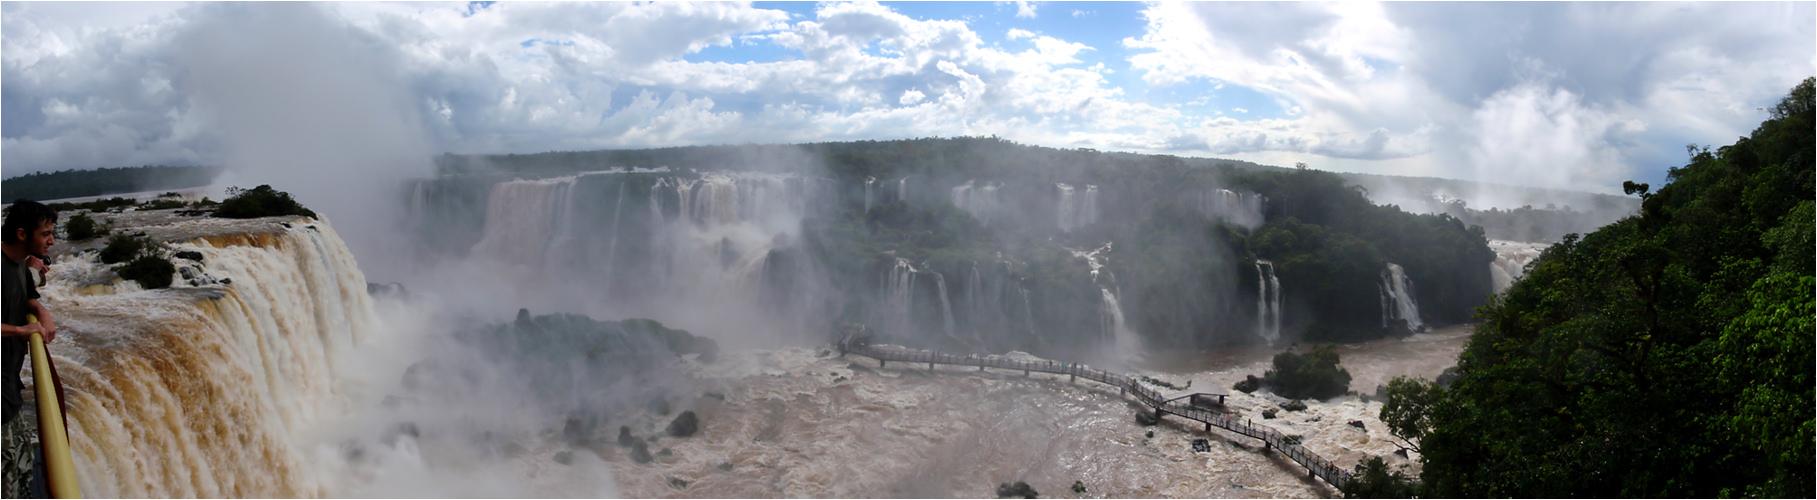 Iguazu - Teufelsschlucht (Brasilien)